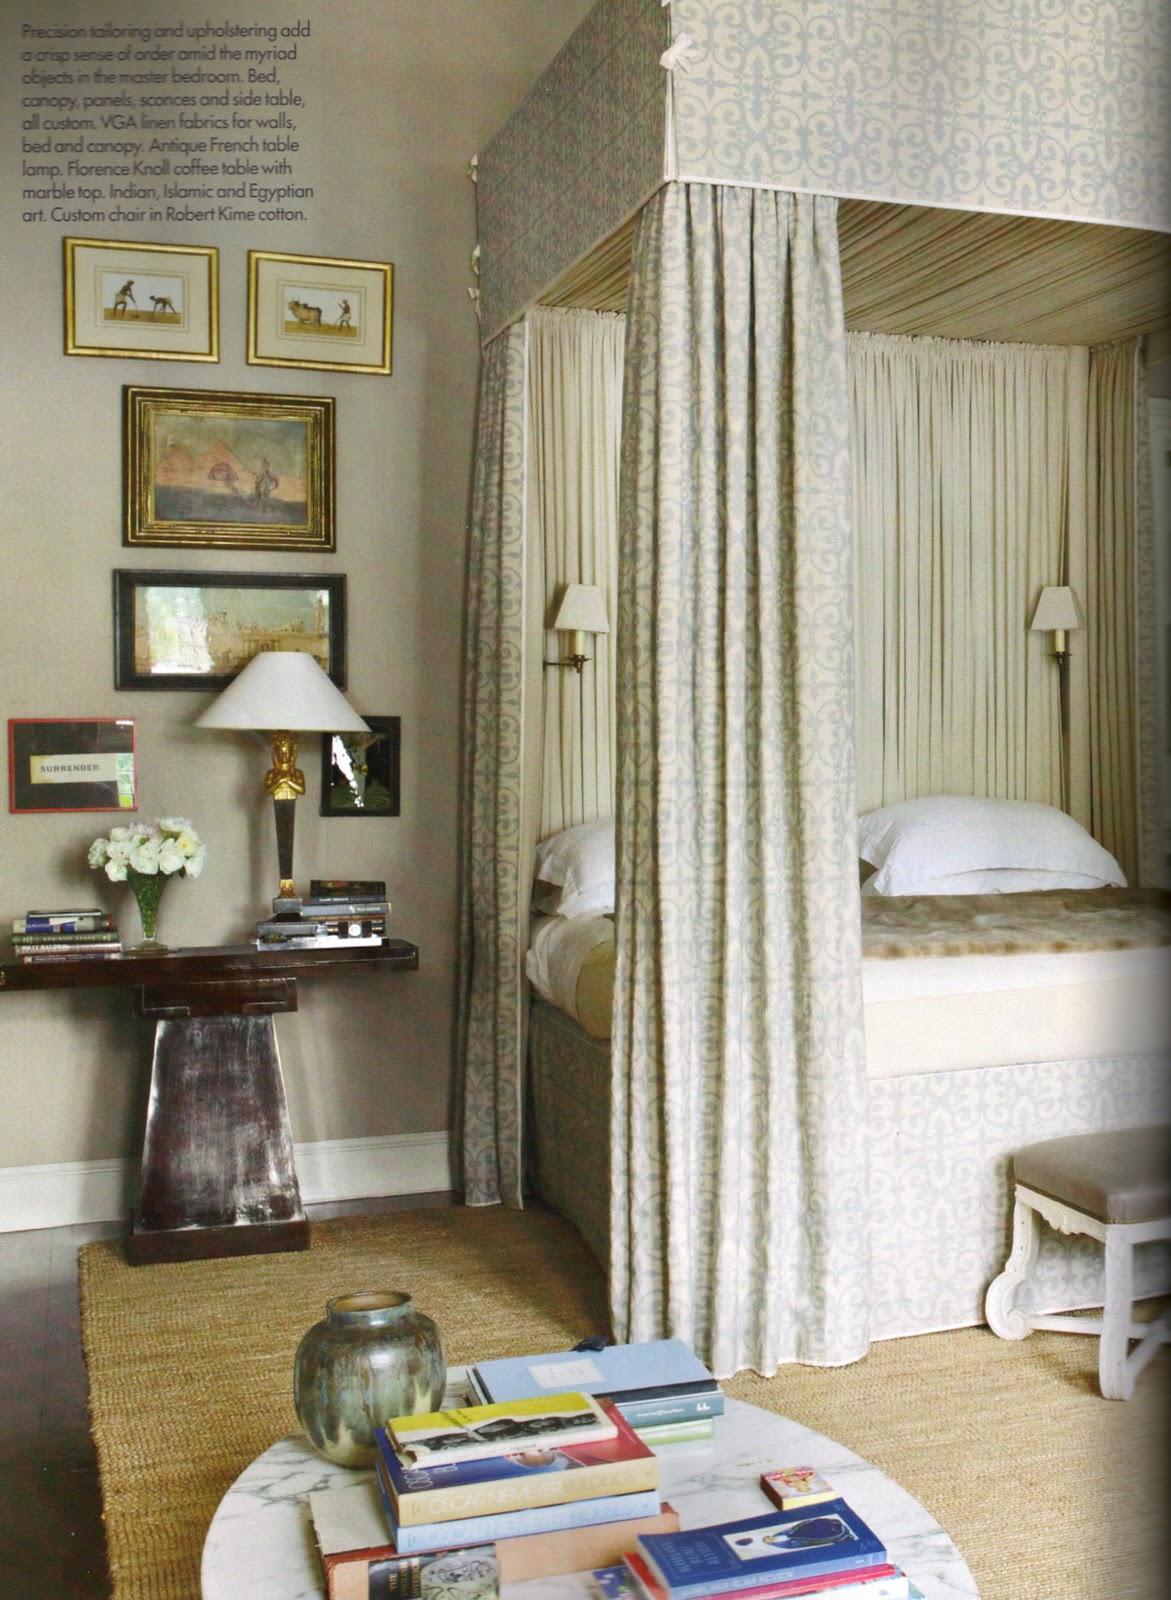 Us Interior Designs Jacques Grange: US Interior Designs: VEERE GRENNEY